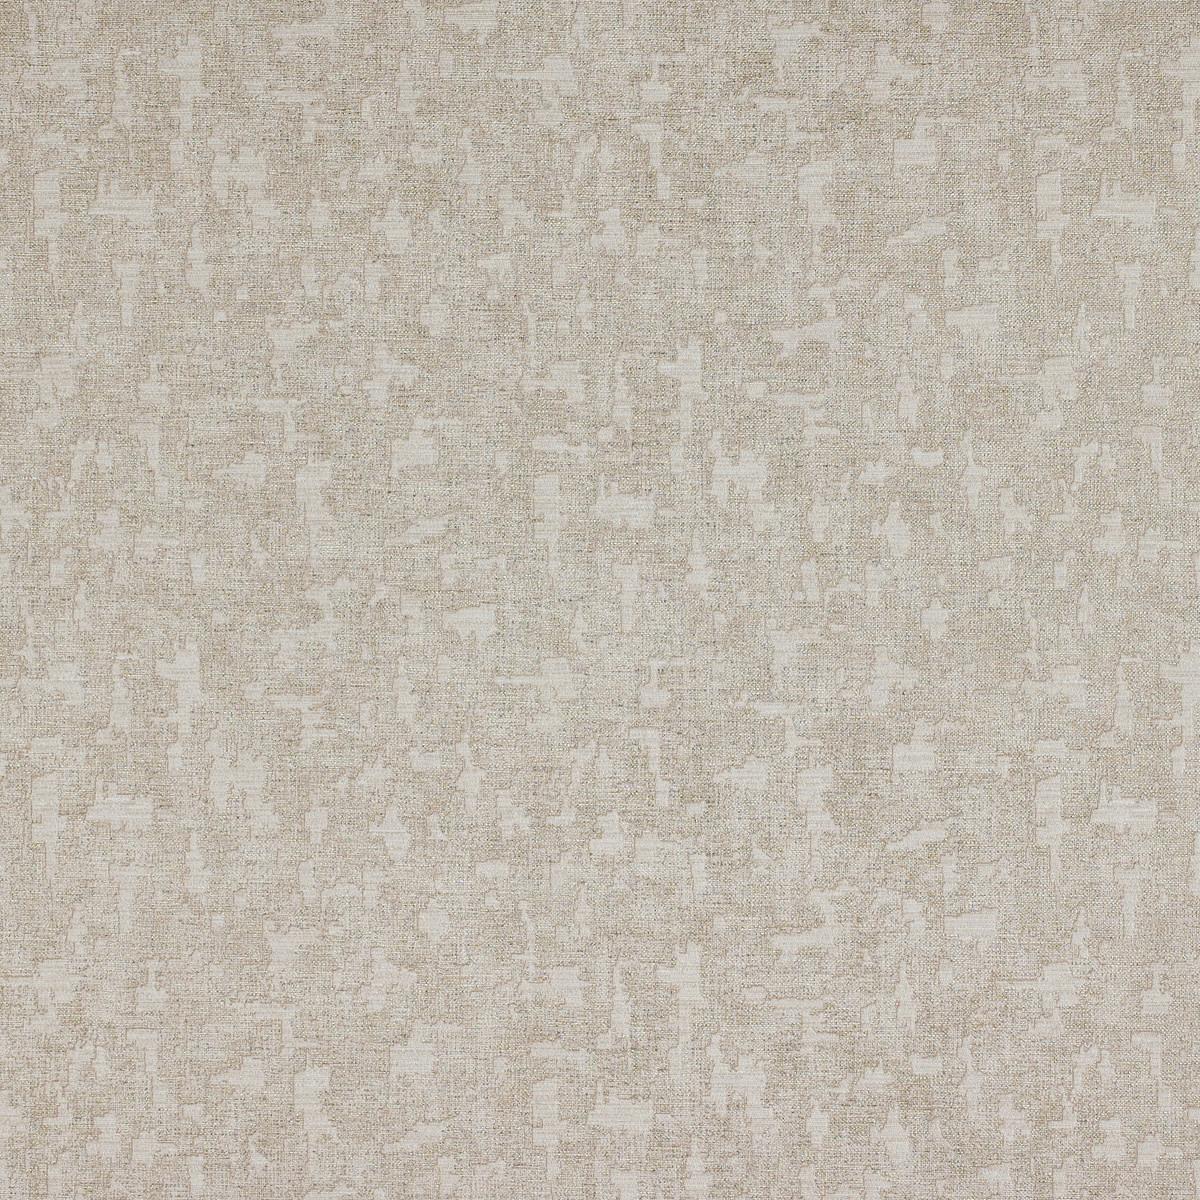 Обои флизелиновые Артекс Саванна бежевые 1.06 м 10120-07